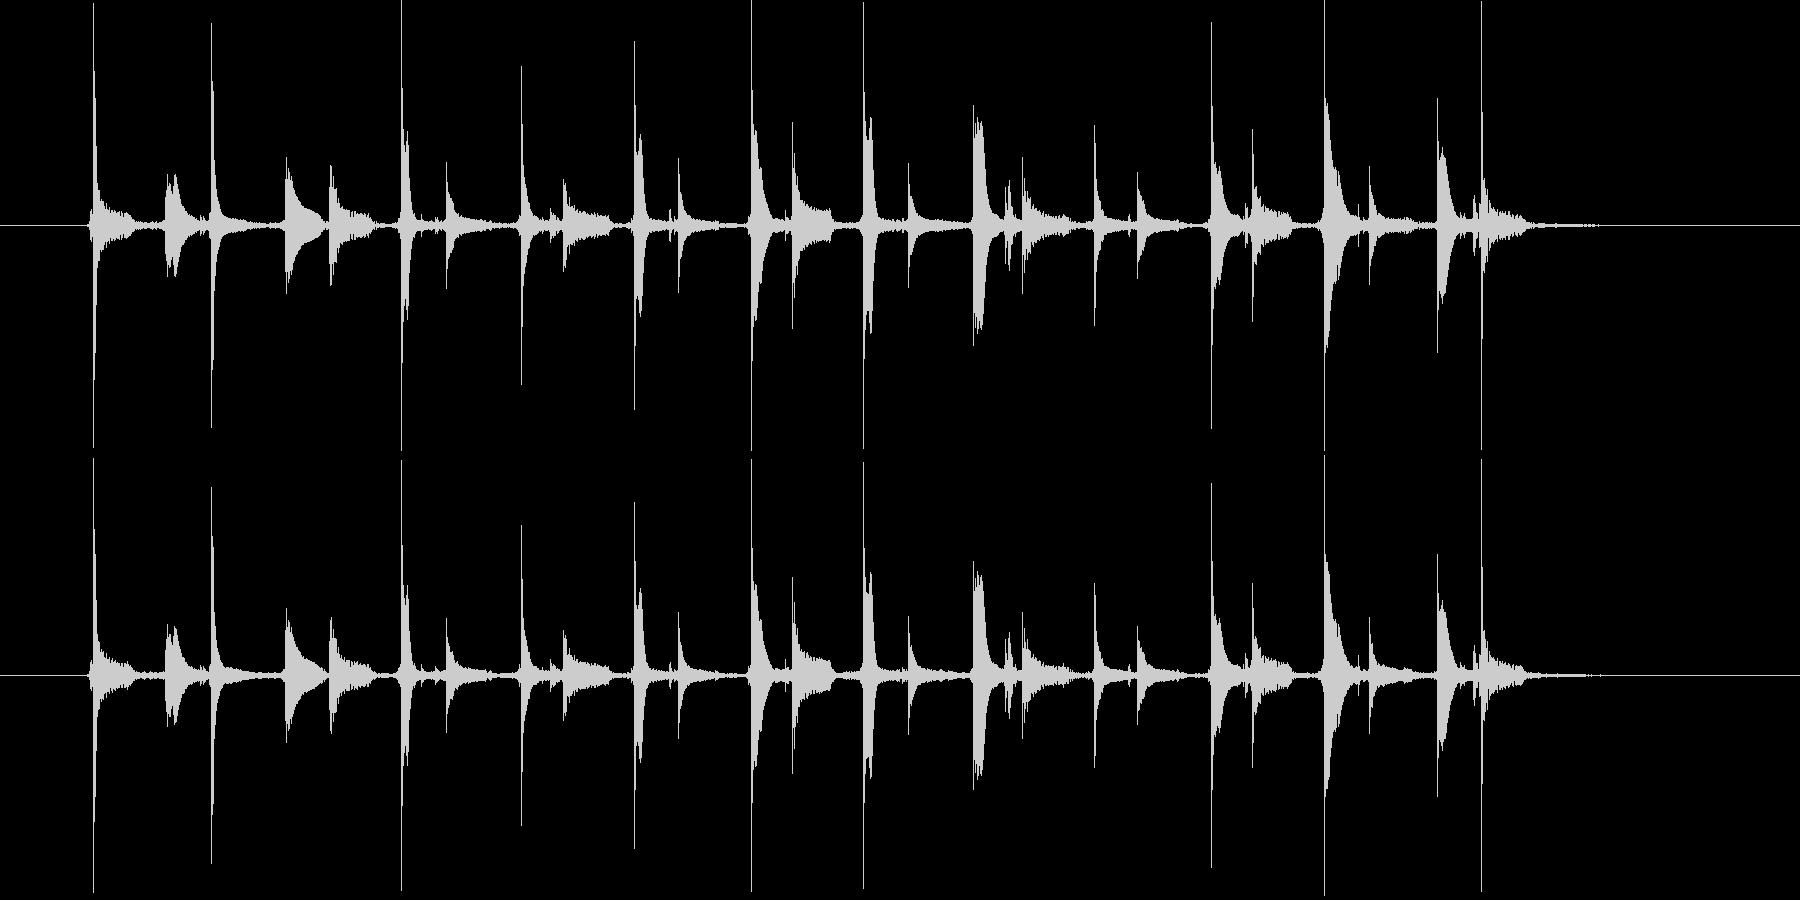 ご機嫌な時のスキップ(足踏みの音、歩く)の未再生の波形